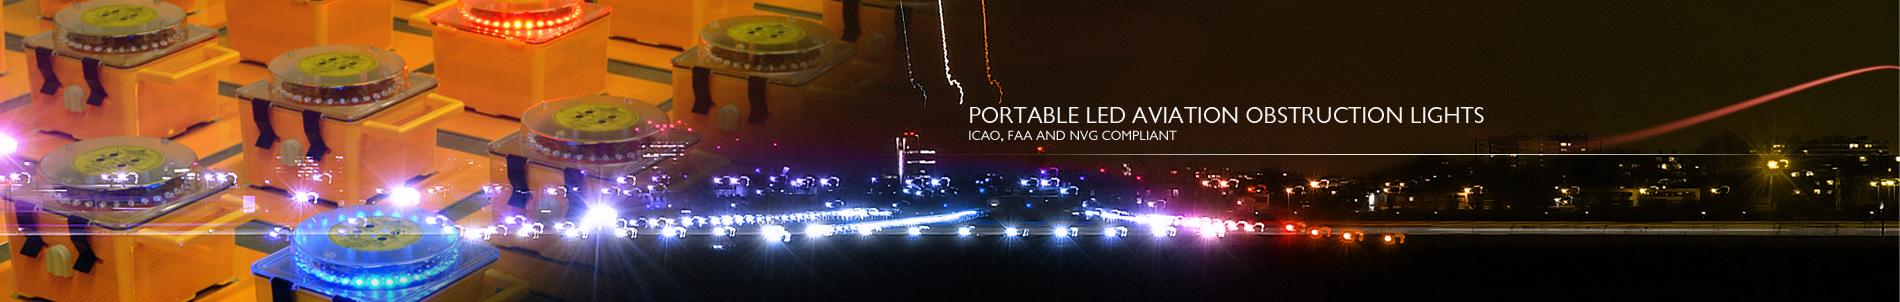 Asiolum, Distributeur exclusif des Balises d'obstacle à la navigation aérienne OBELUX en France, Balises Basse Intensité